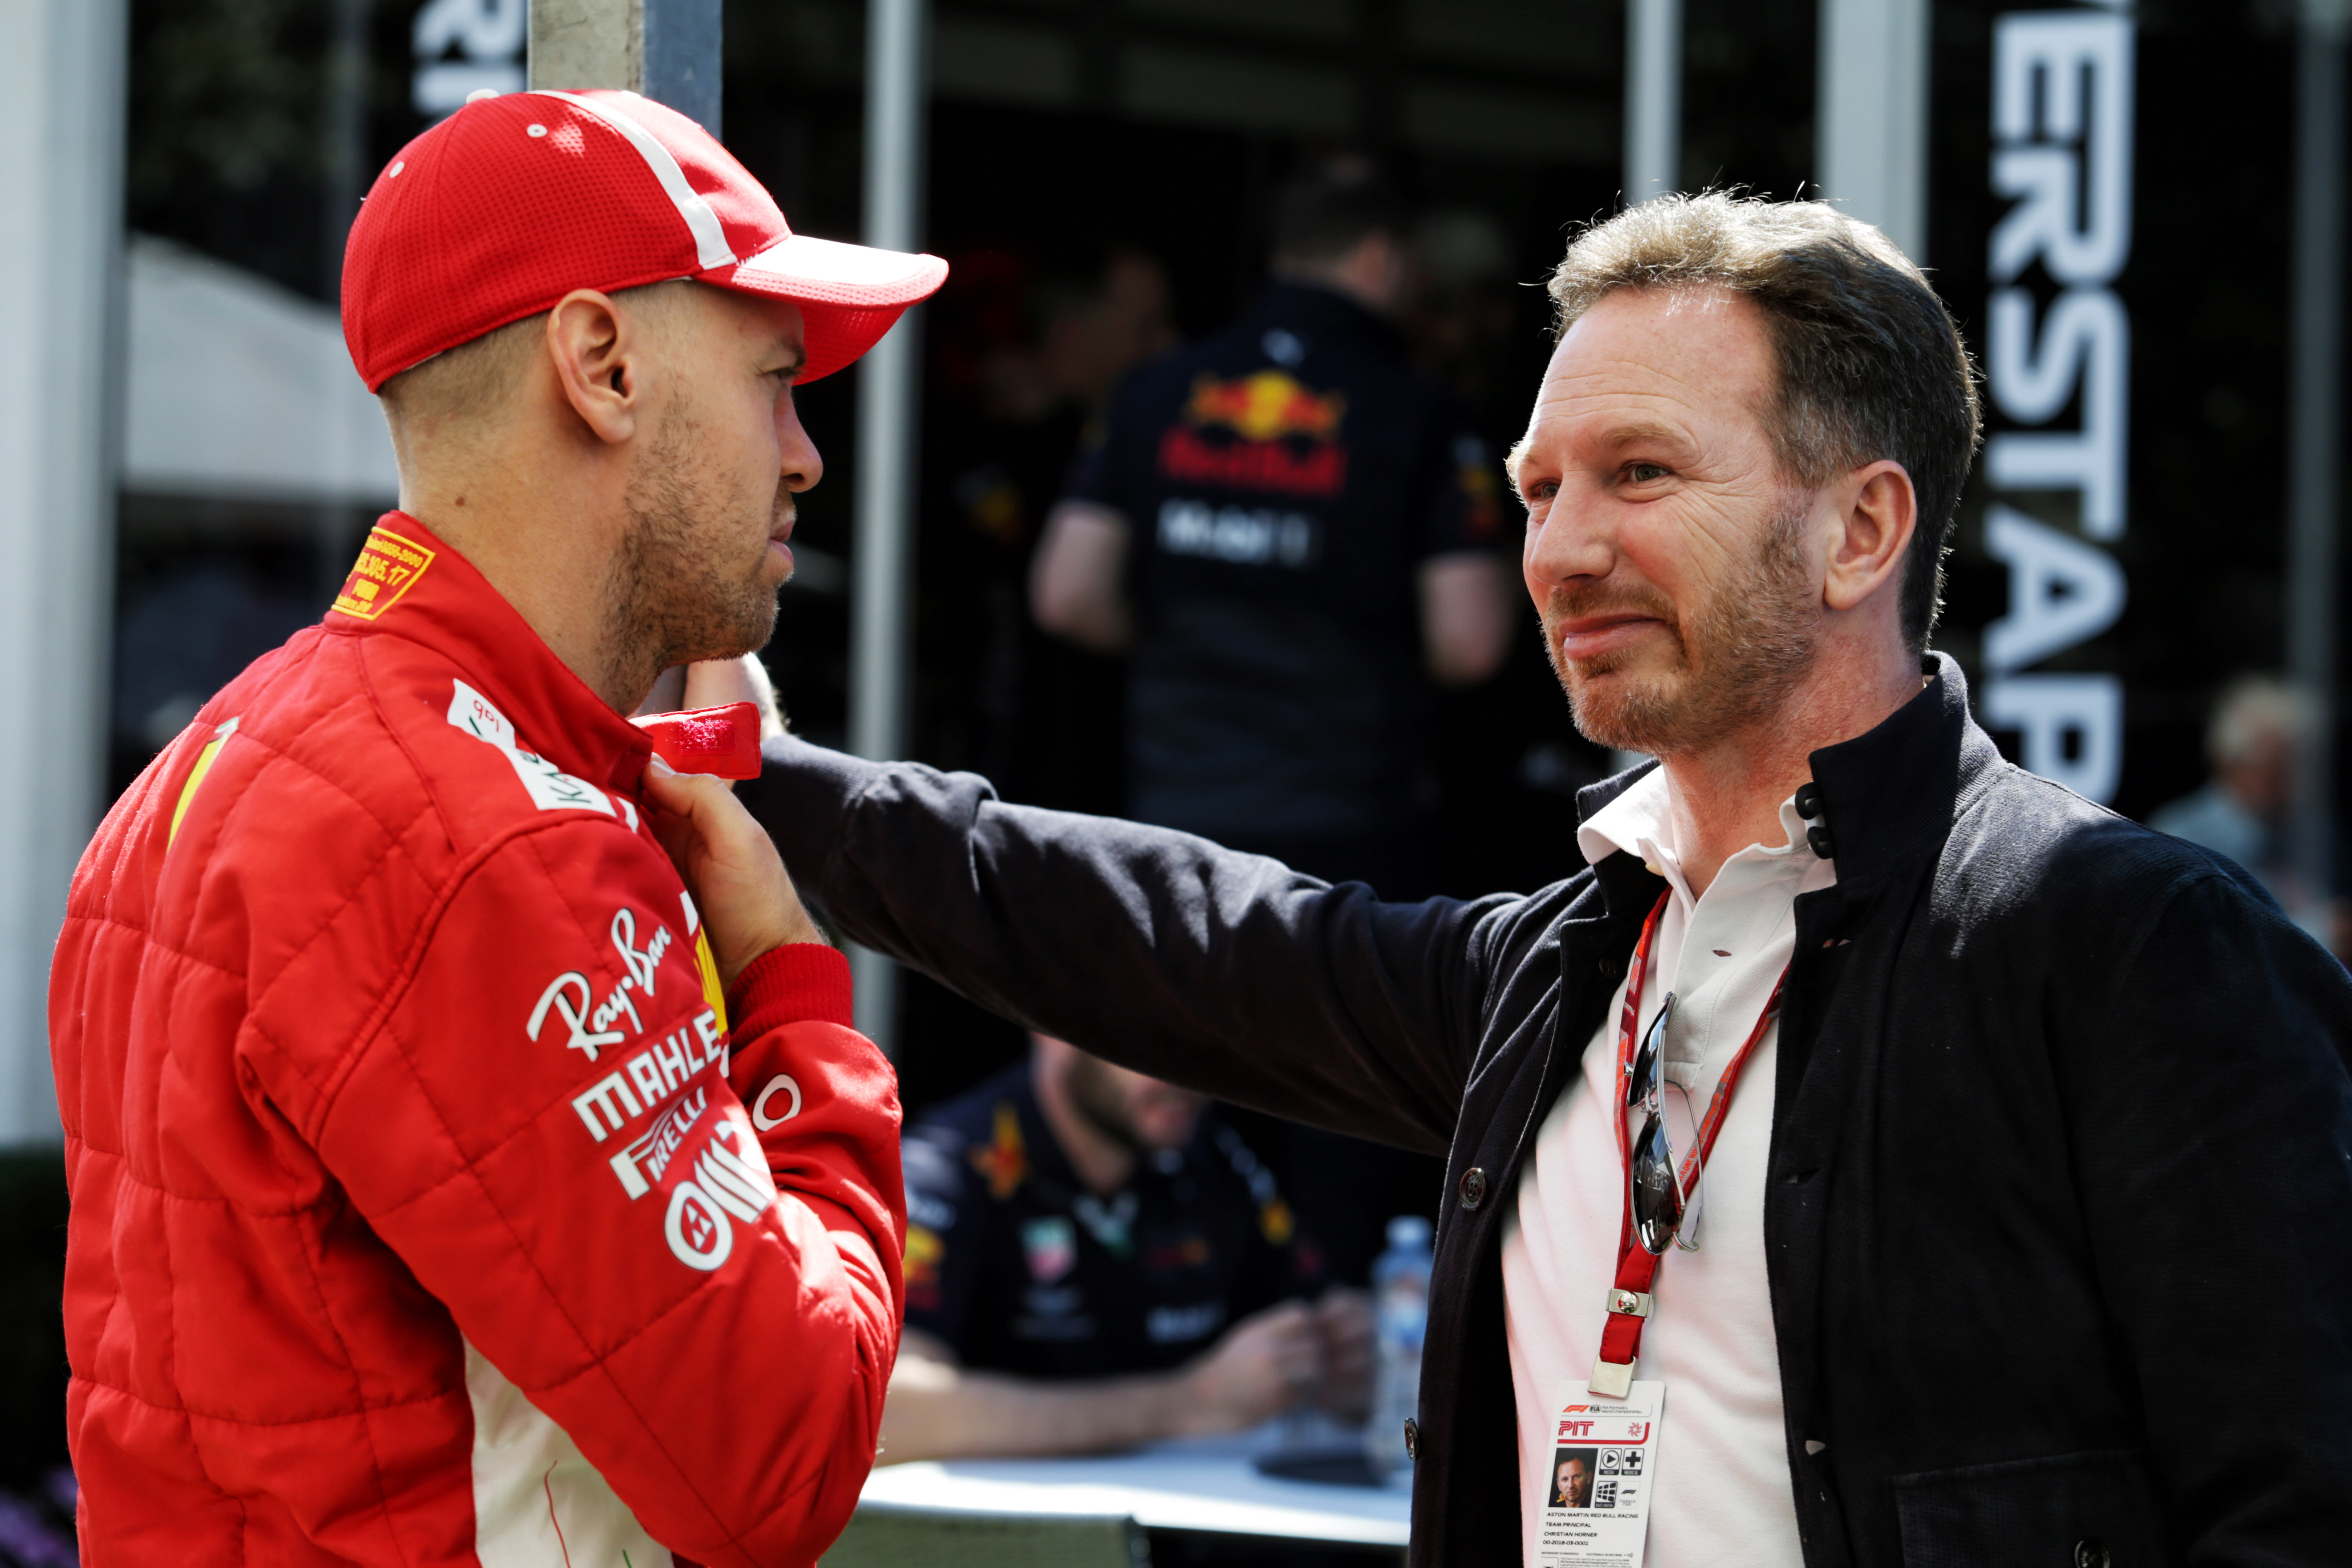 Sebastian Vettel Ferrari Christian Horner Red Bull F1 paddock